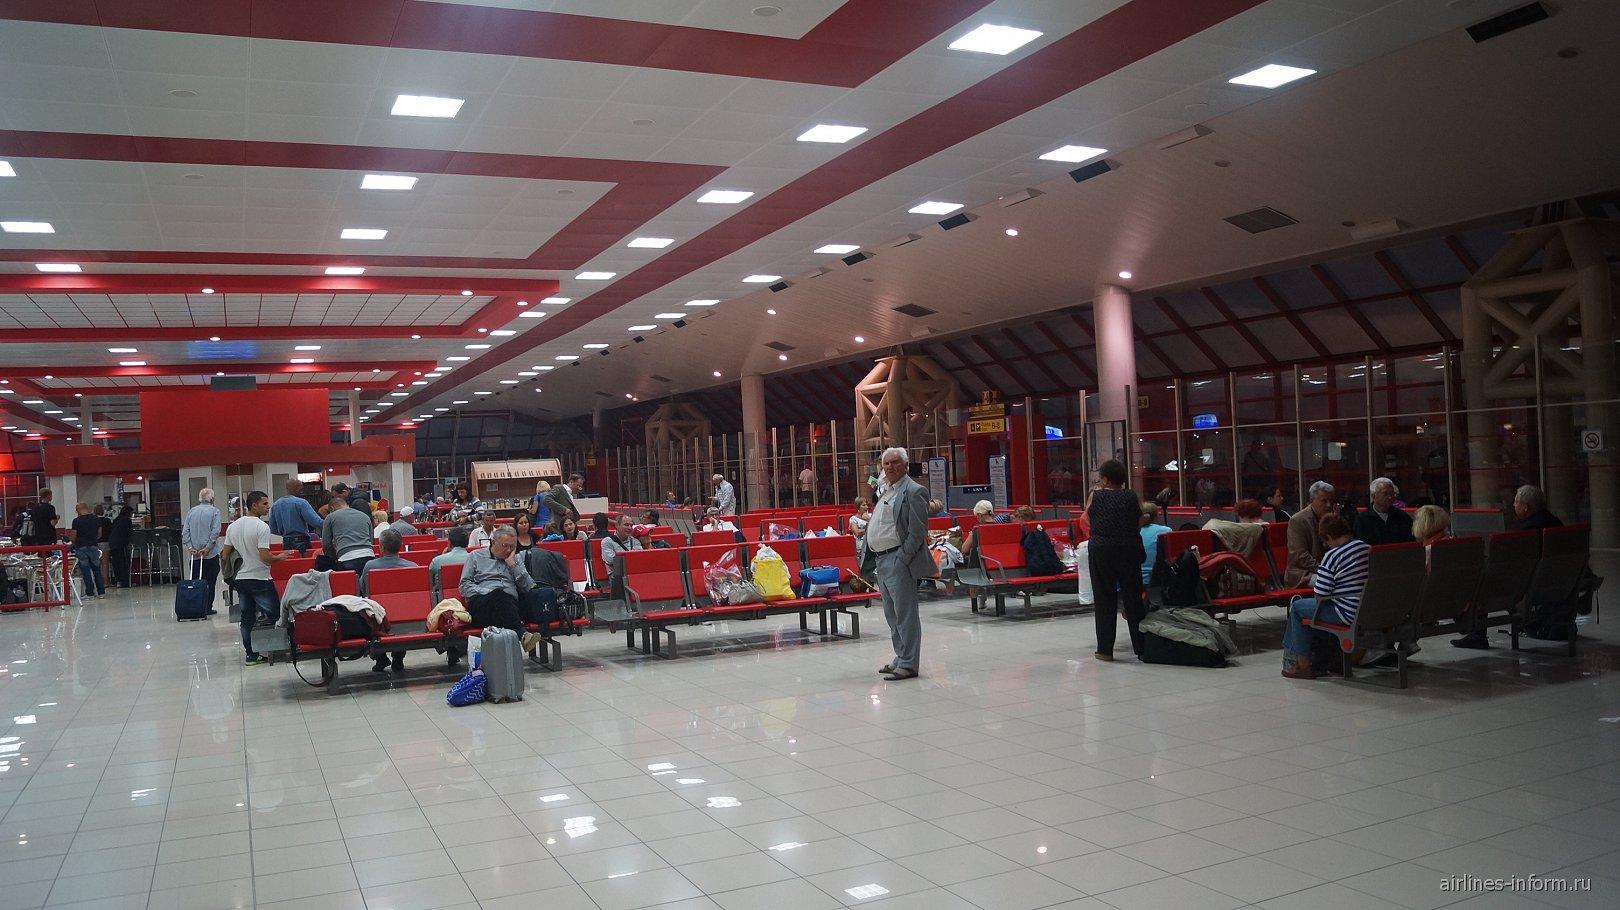 Зал ожидания перед выходами на посадку в аэропорту Гавана Хосе Марти